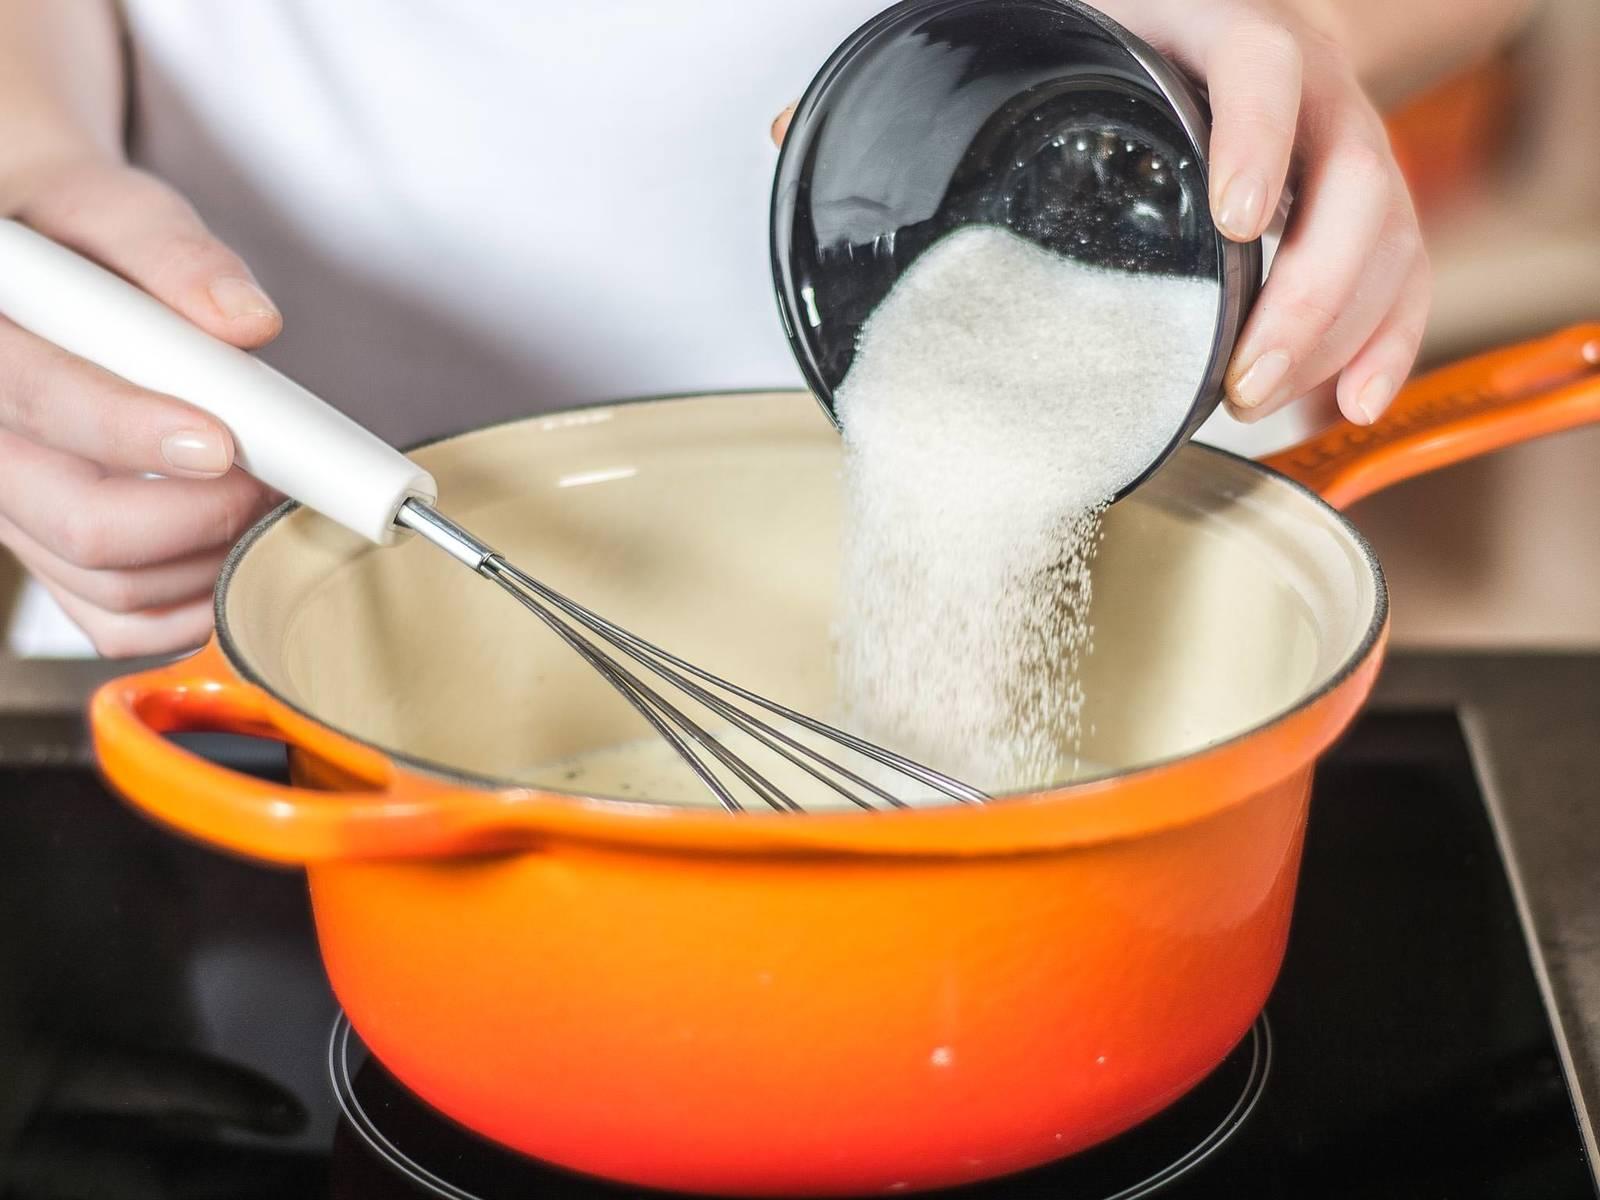 Backofen auf 120°C vorheizen. Sahne mit einem Teil Zucker und dem Mark einer Vanilleschote erwärmen (nicht kochen!), bis sich der Zucker vollständig aufgelöst hat.